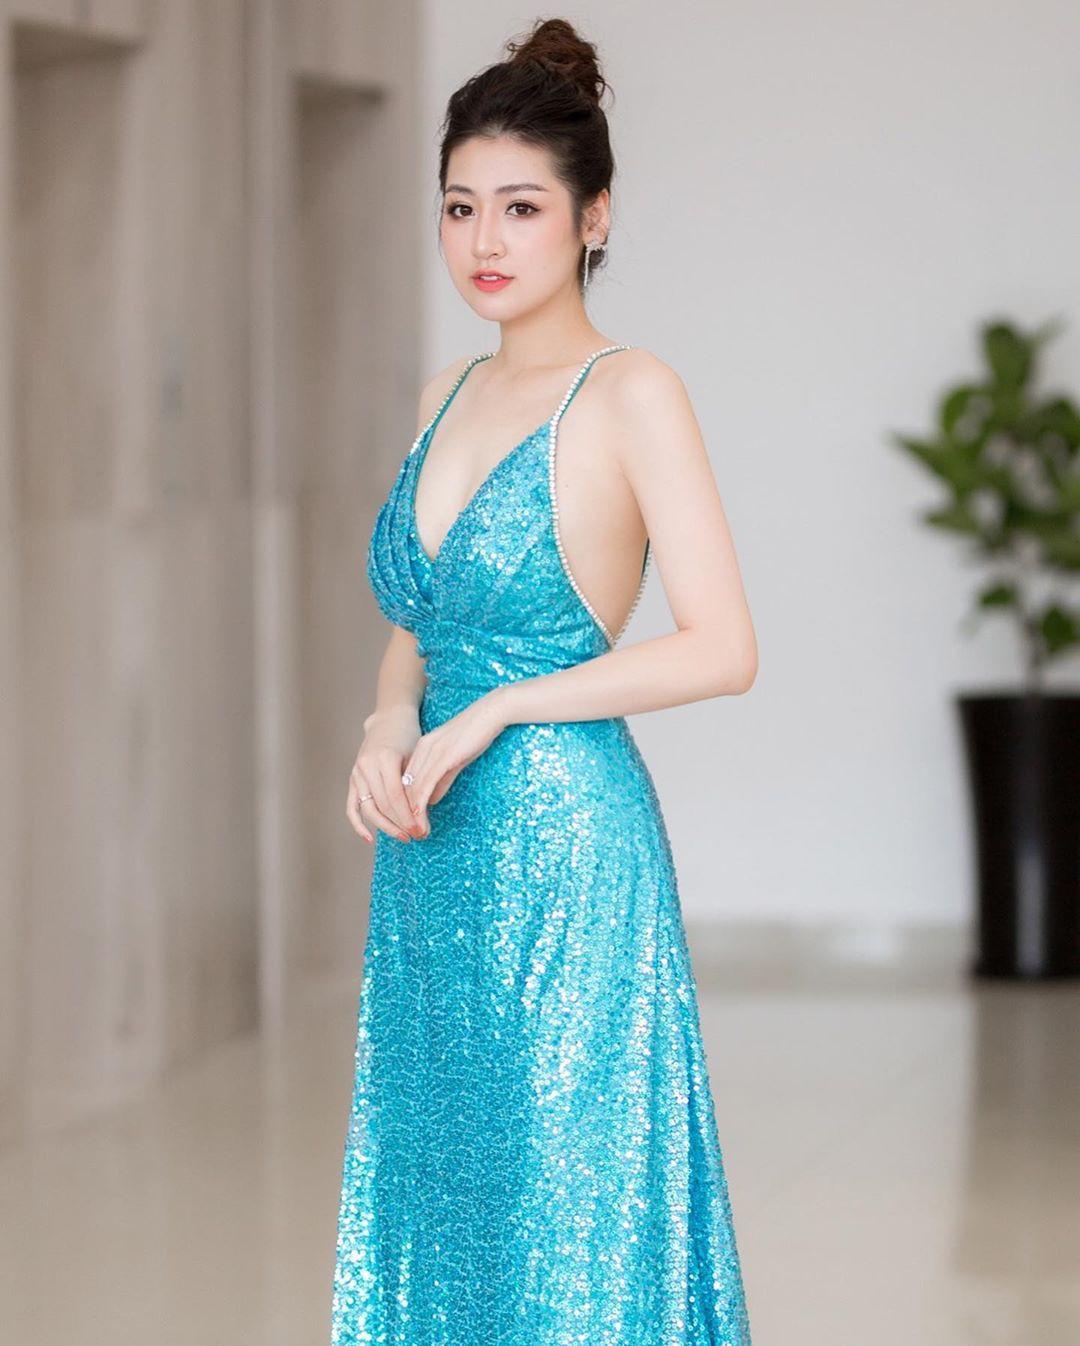 Đã đẹp còn khiêm tốn: Tú Anh diện váy quá lộng lẫy, nhưng cô lại nhận mình là phiên bản lỗi của nhân vật ai cũng biết - Ảnh 8.